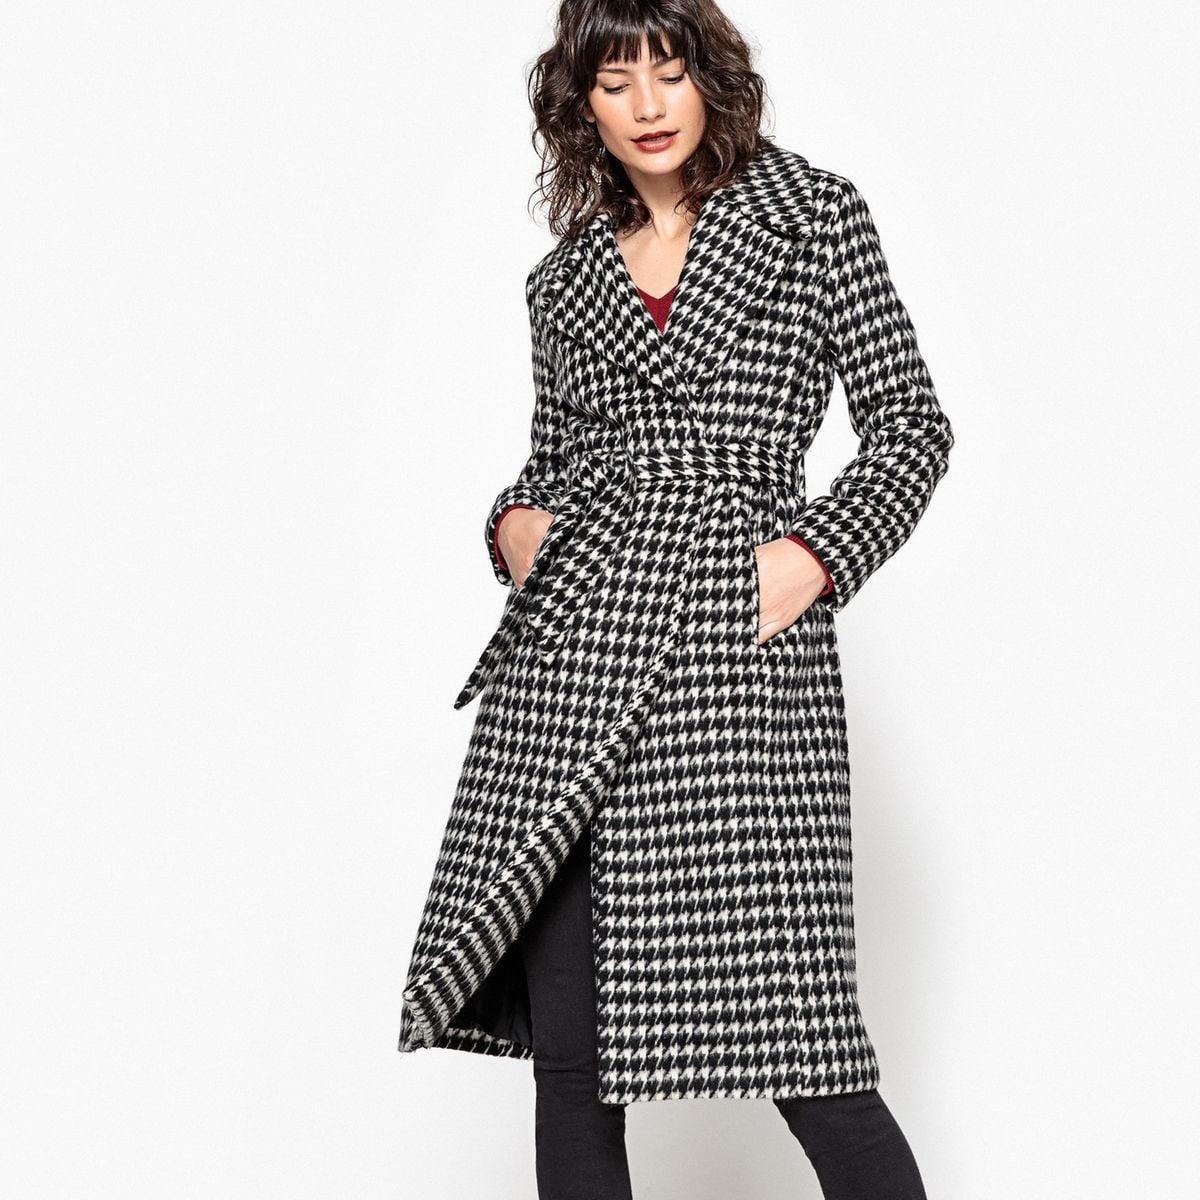 Manteau Femme Gris Et Noir   Manteaux Pour Femme Automne Hiver 2018 ... 24e0b21c9d45